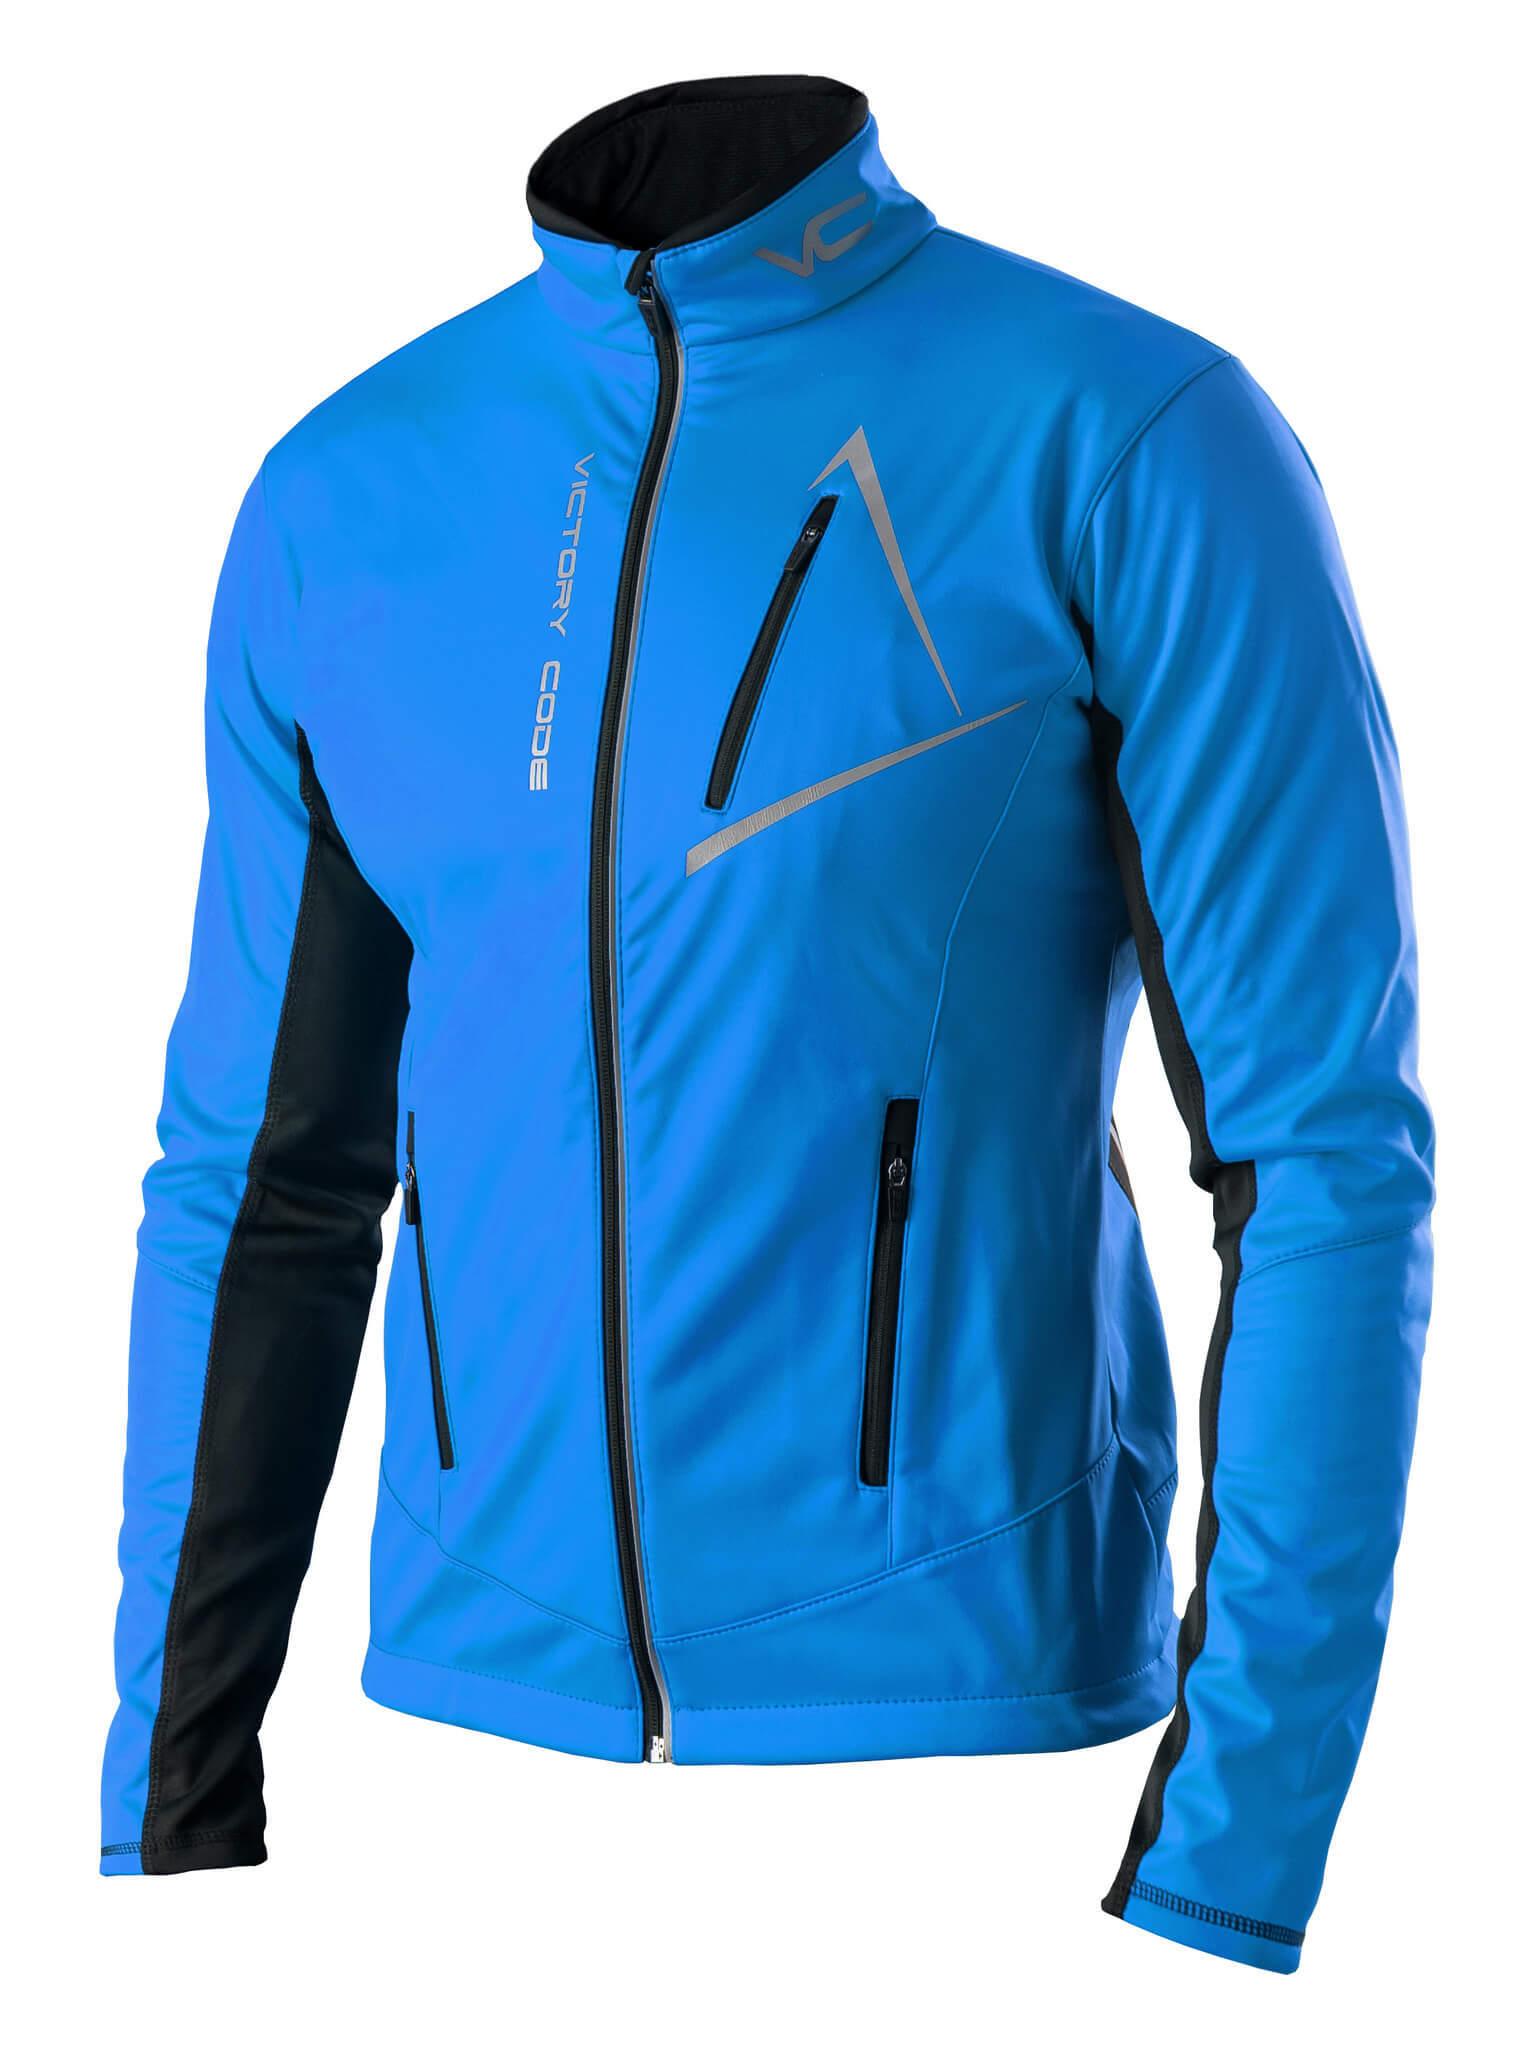 Victory Code Dynamic Warm разминочный лыжный костюм со спинкой blue - 2